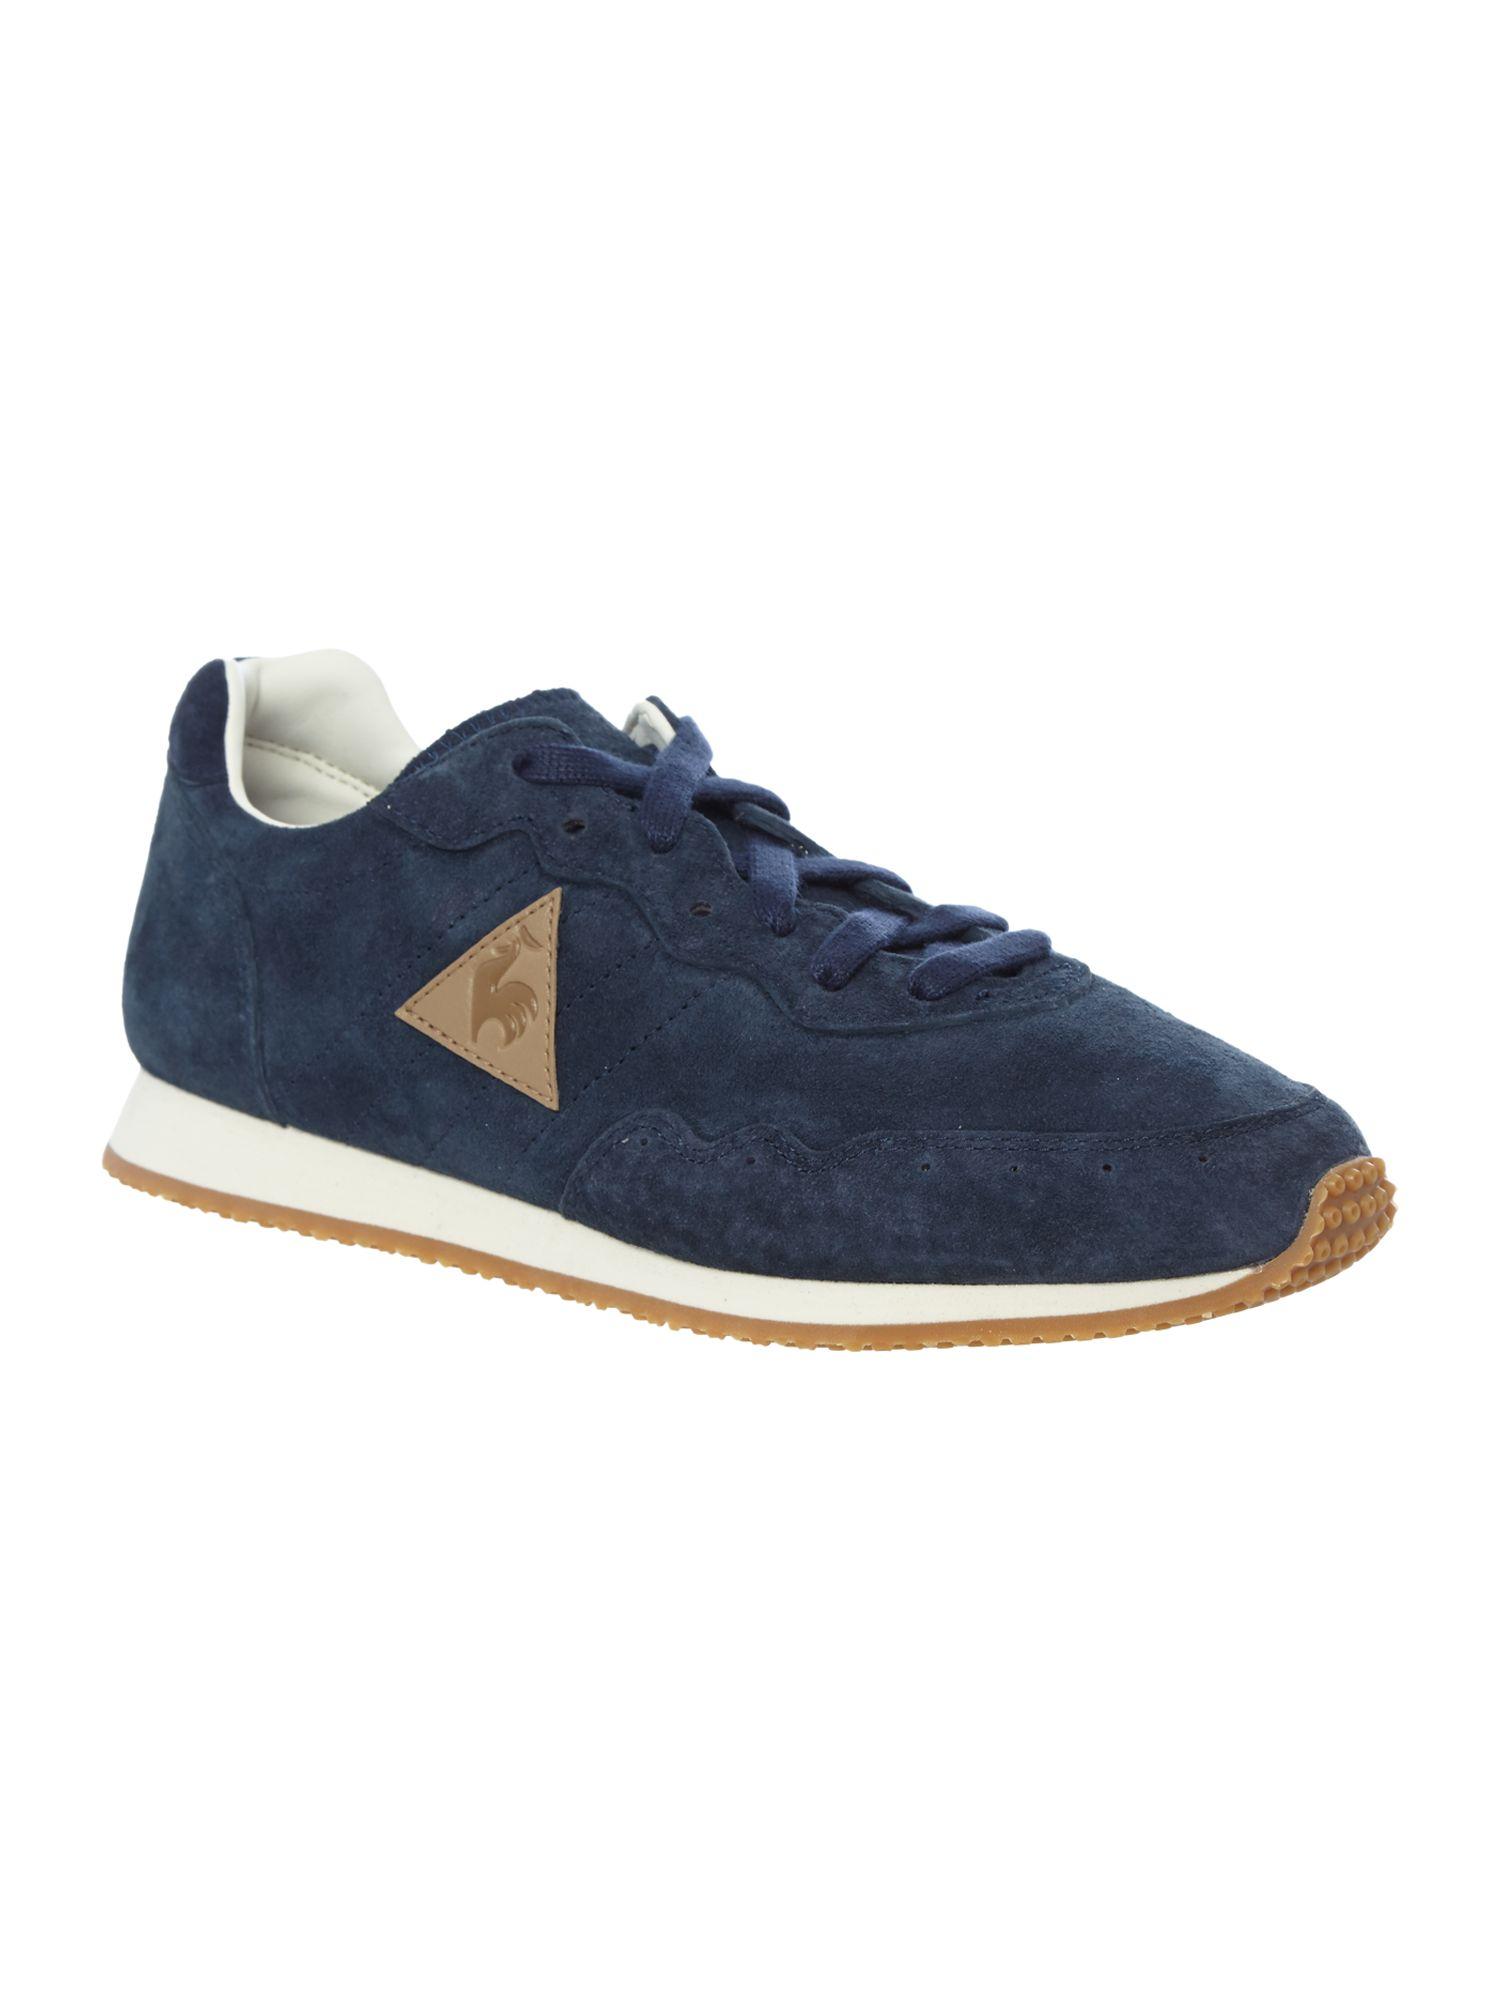 Romika Running Shoes